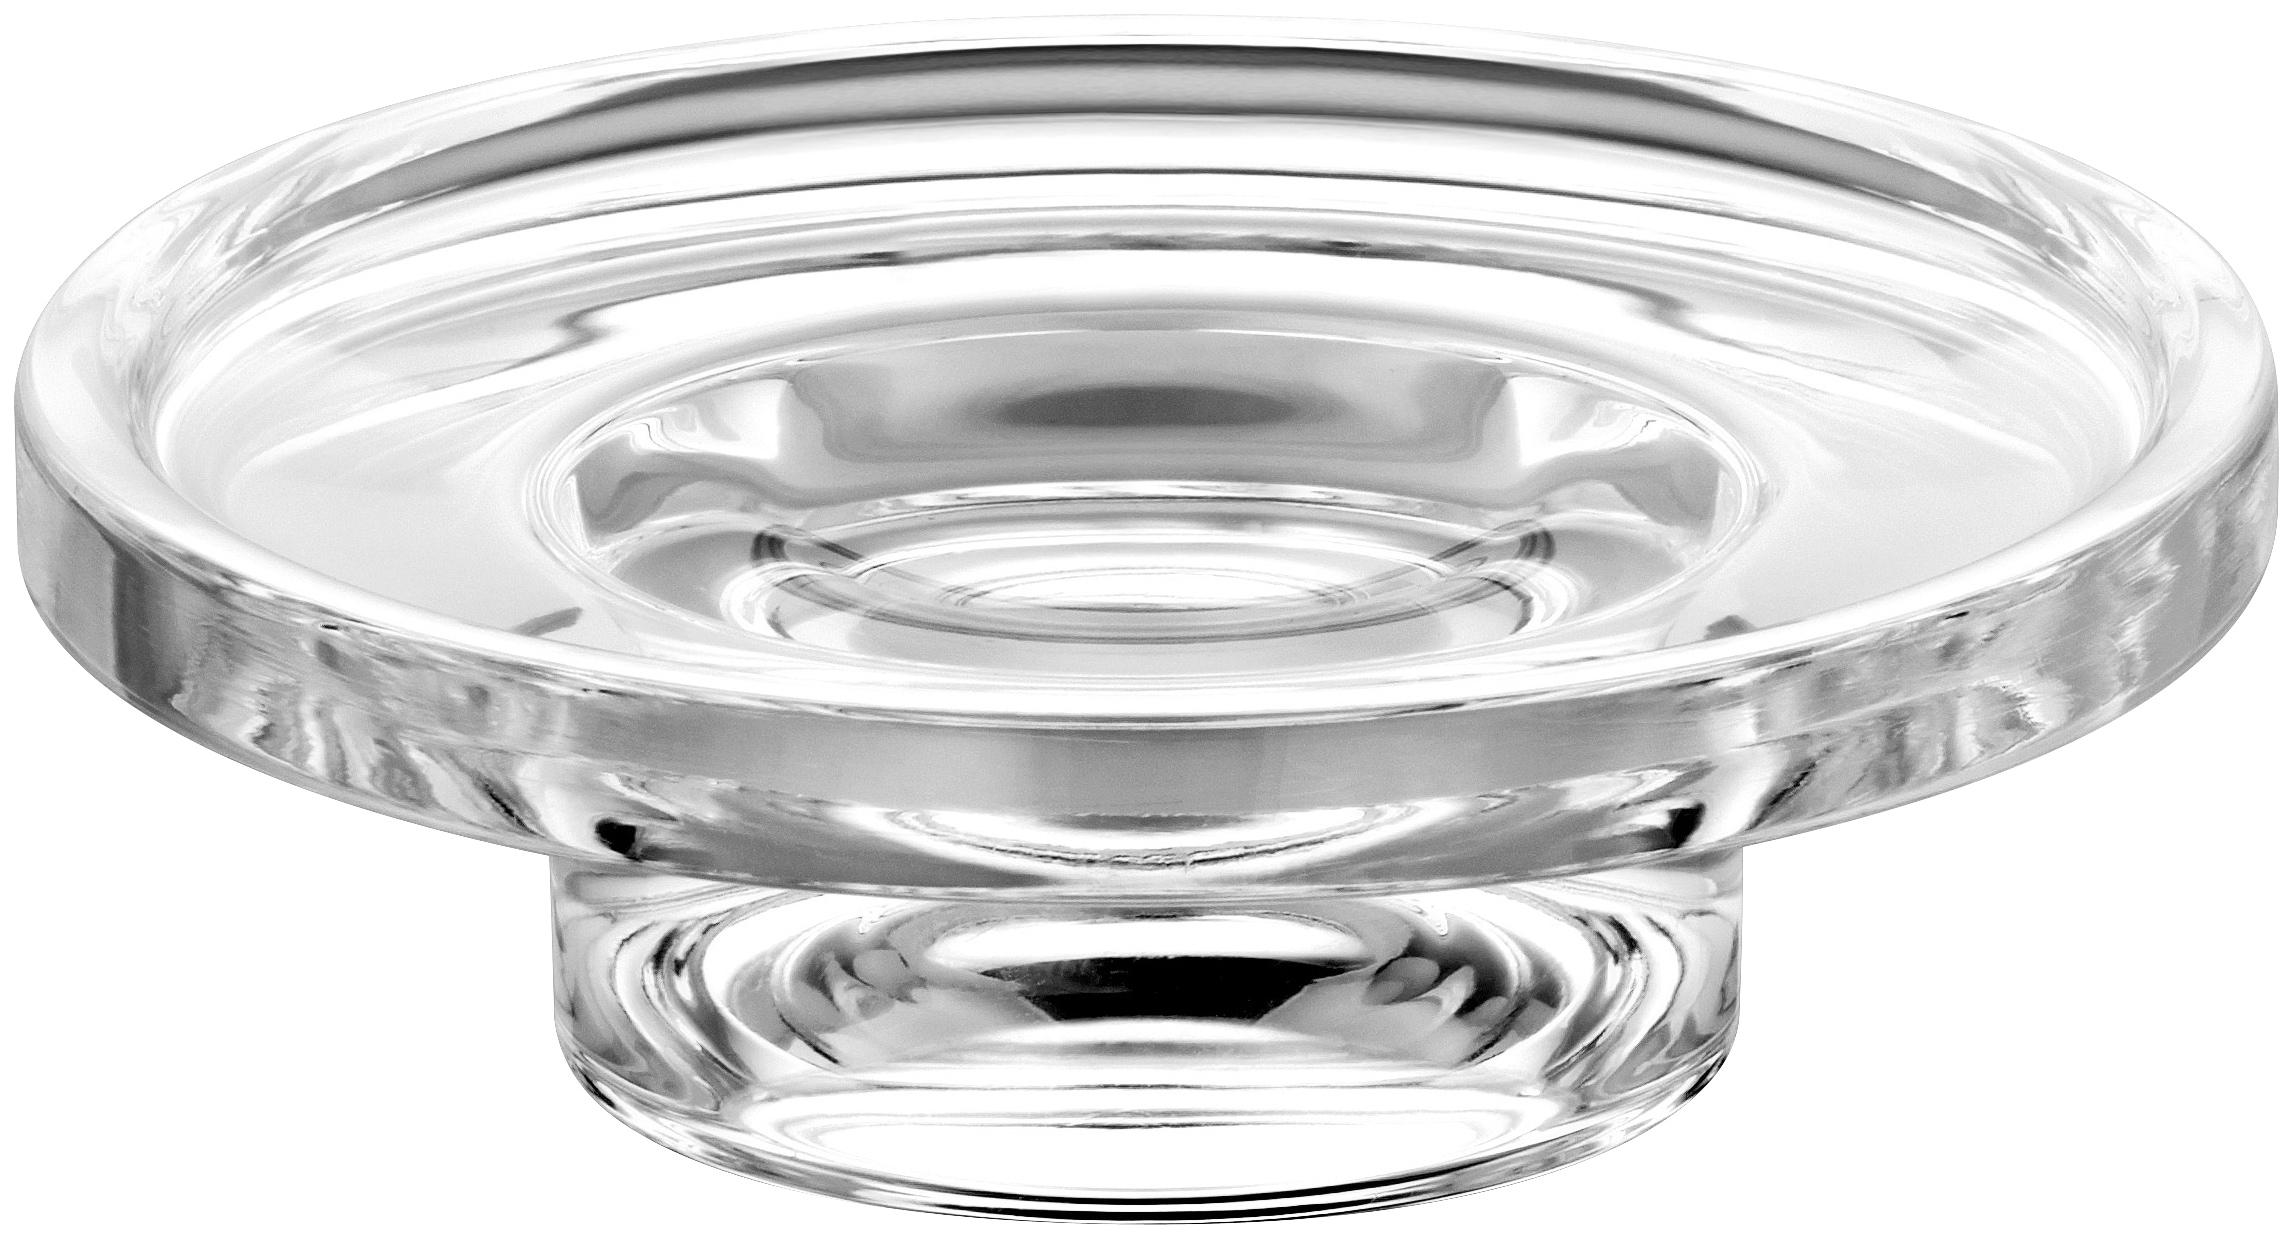 Keuco Seifenschale, Echtkristall-Glas, lose farblos Seifenschalen Badaccessoires Badmöbel Seifenschale